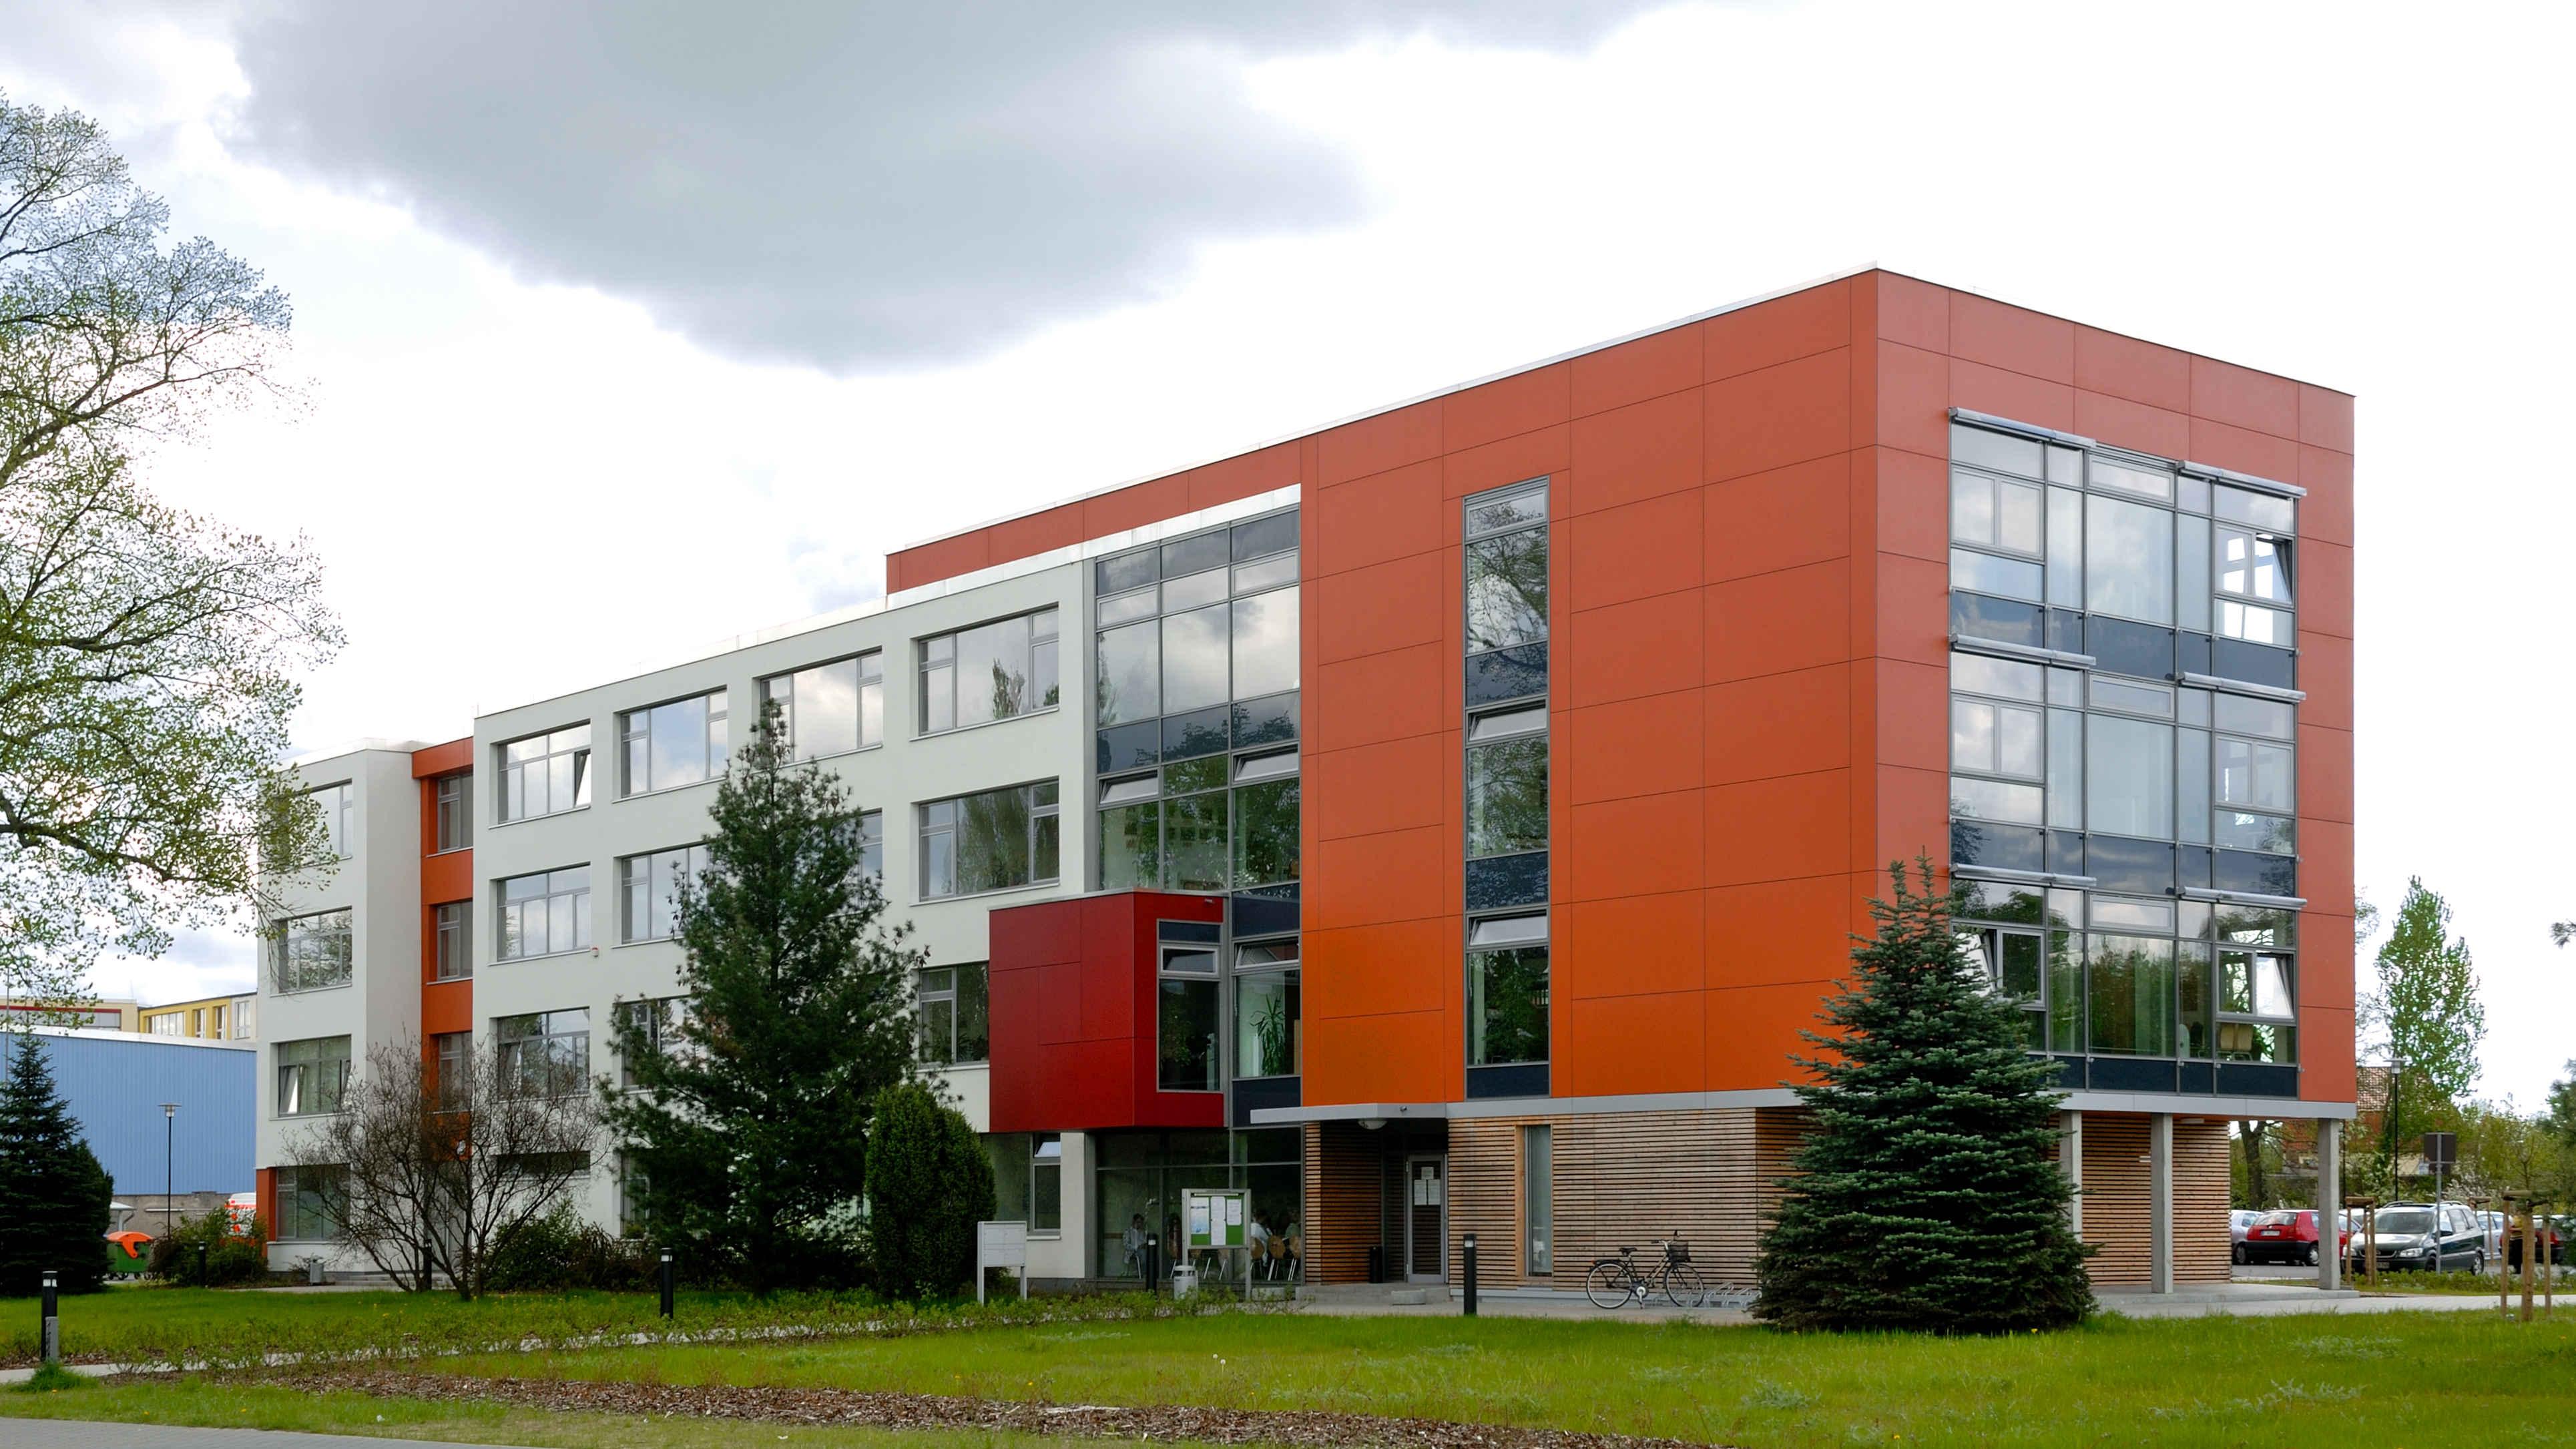 02-kreishaus-barnim-w